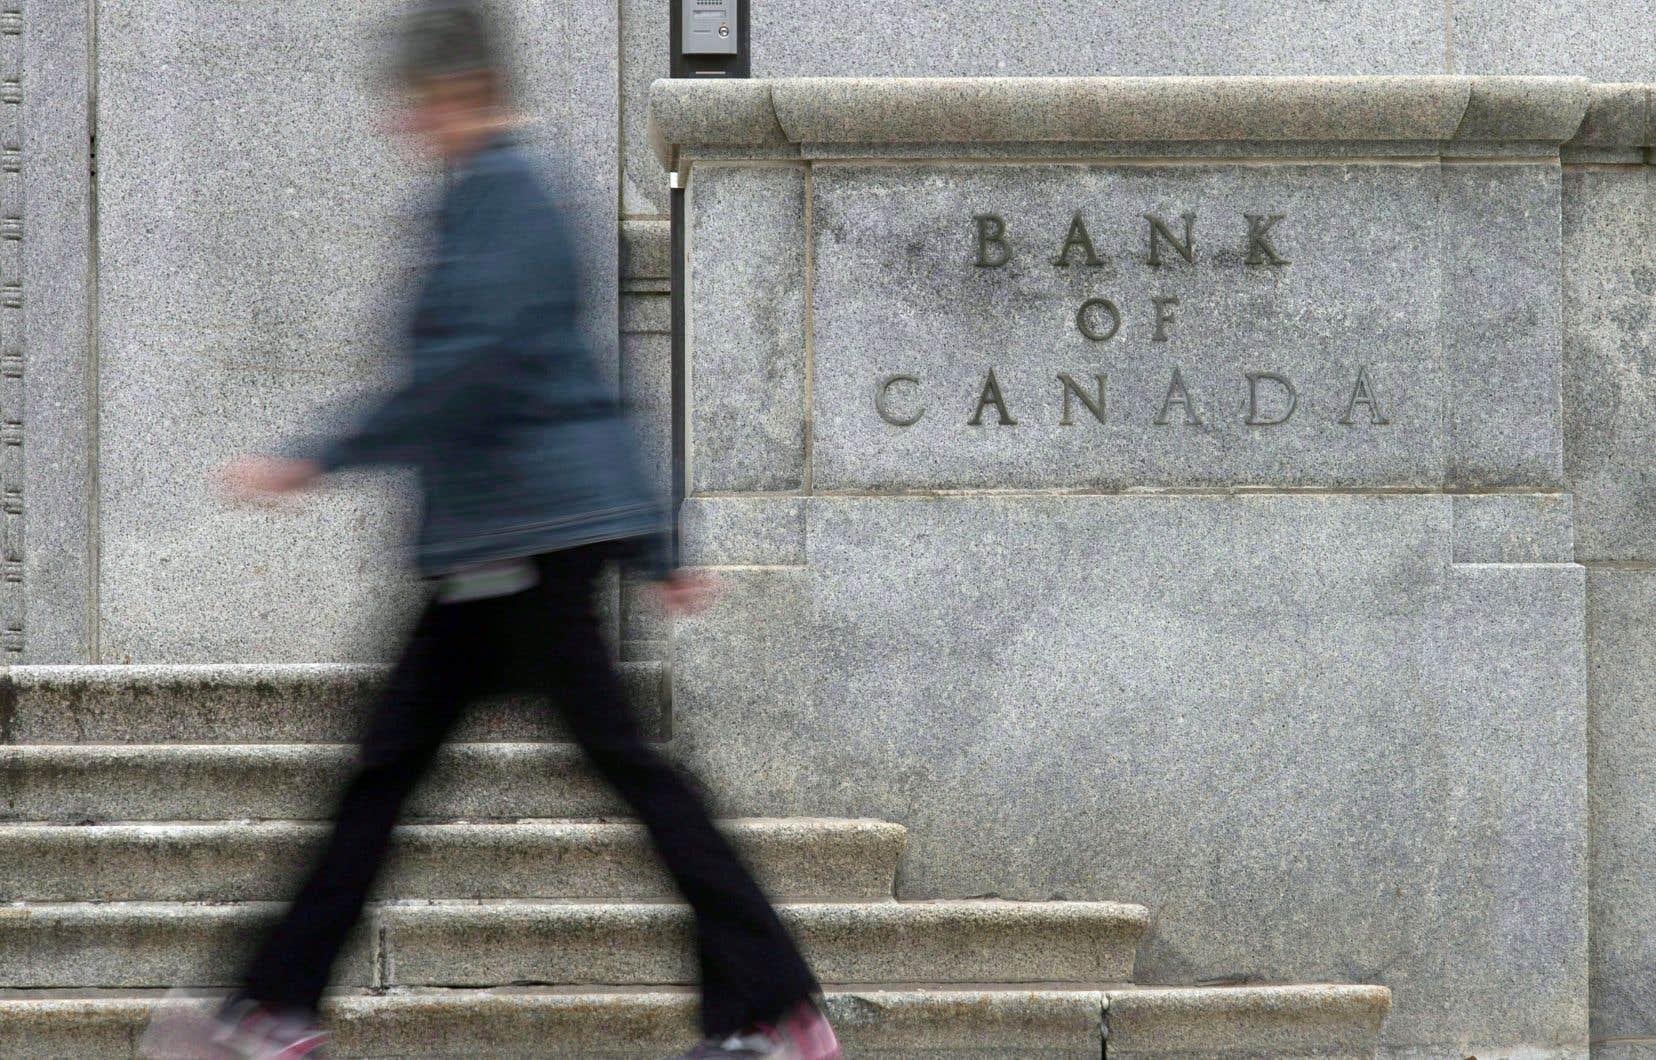 La banque a indiqué mercredi qu'elle s'attendait à rester sur le chemin des hausses de taux, mais peut-être à un rythme plus hésitant.